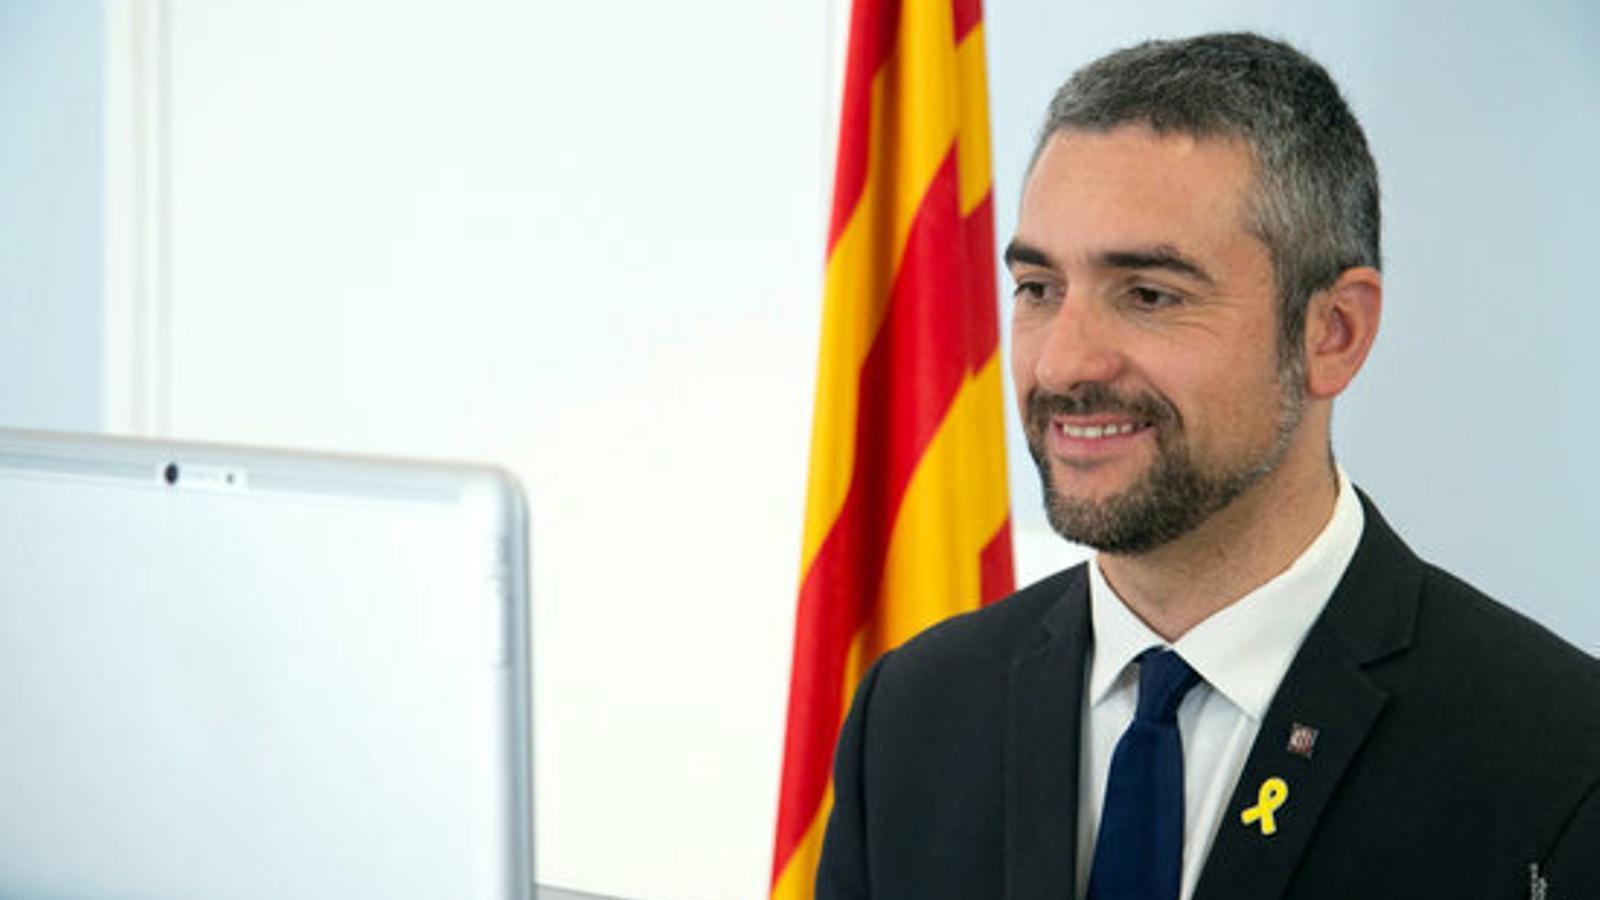 Una imatge del conseller d'Acció Exterior, Bernat Solé, davant de l'ordinador, cedida pel Govern